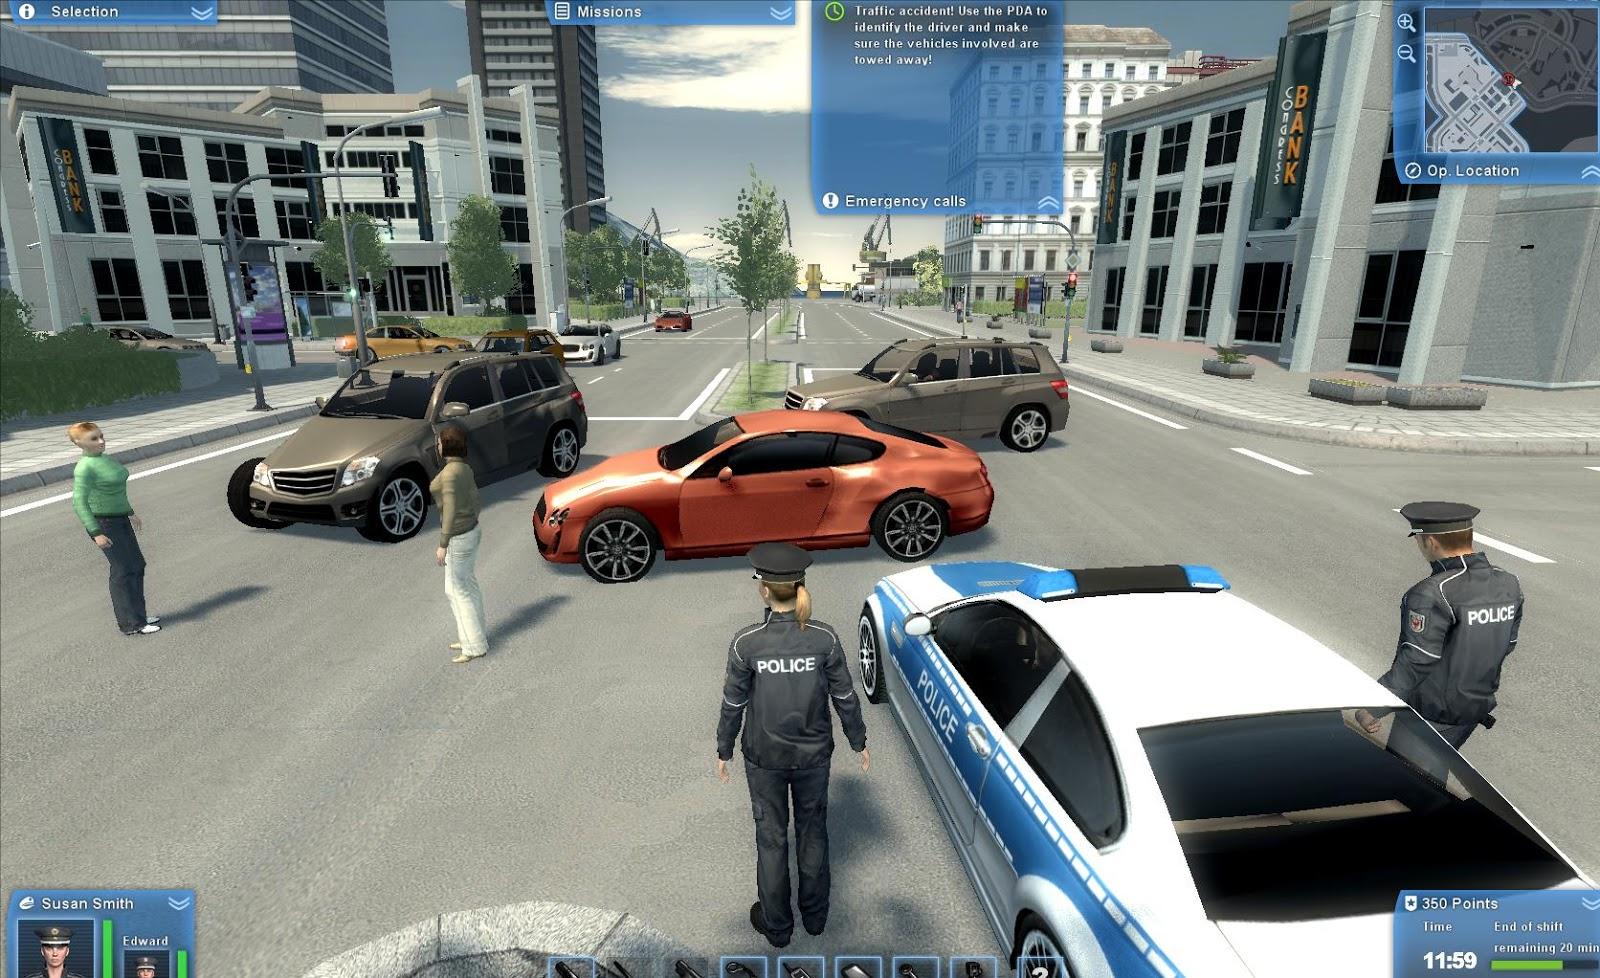 Telecharger jeux pc gratuit telecharger police force pc - Jeux de poli gratuit ...